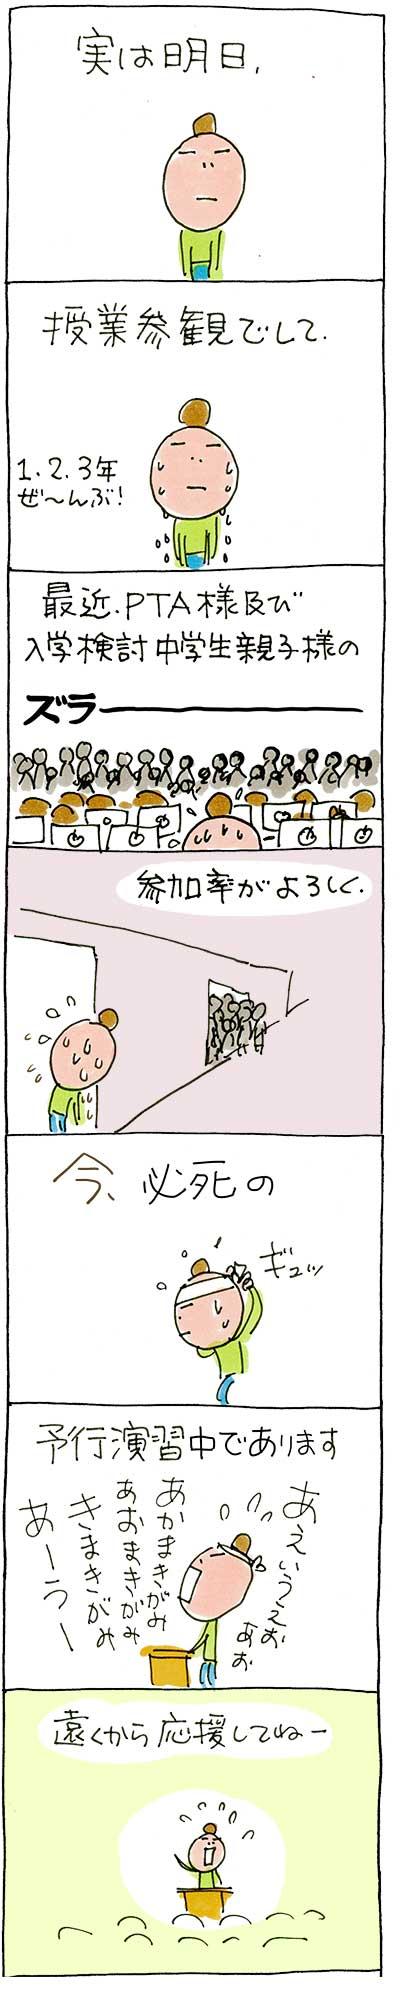 151120授業参観